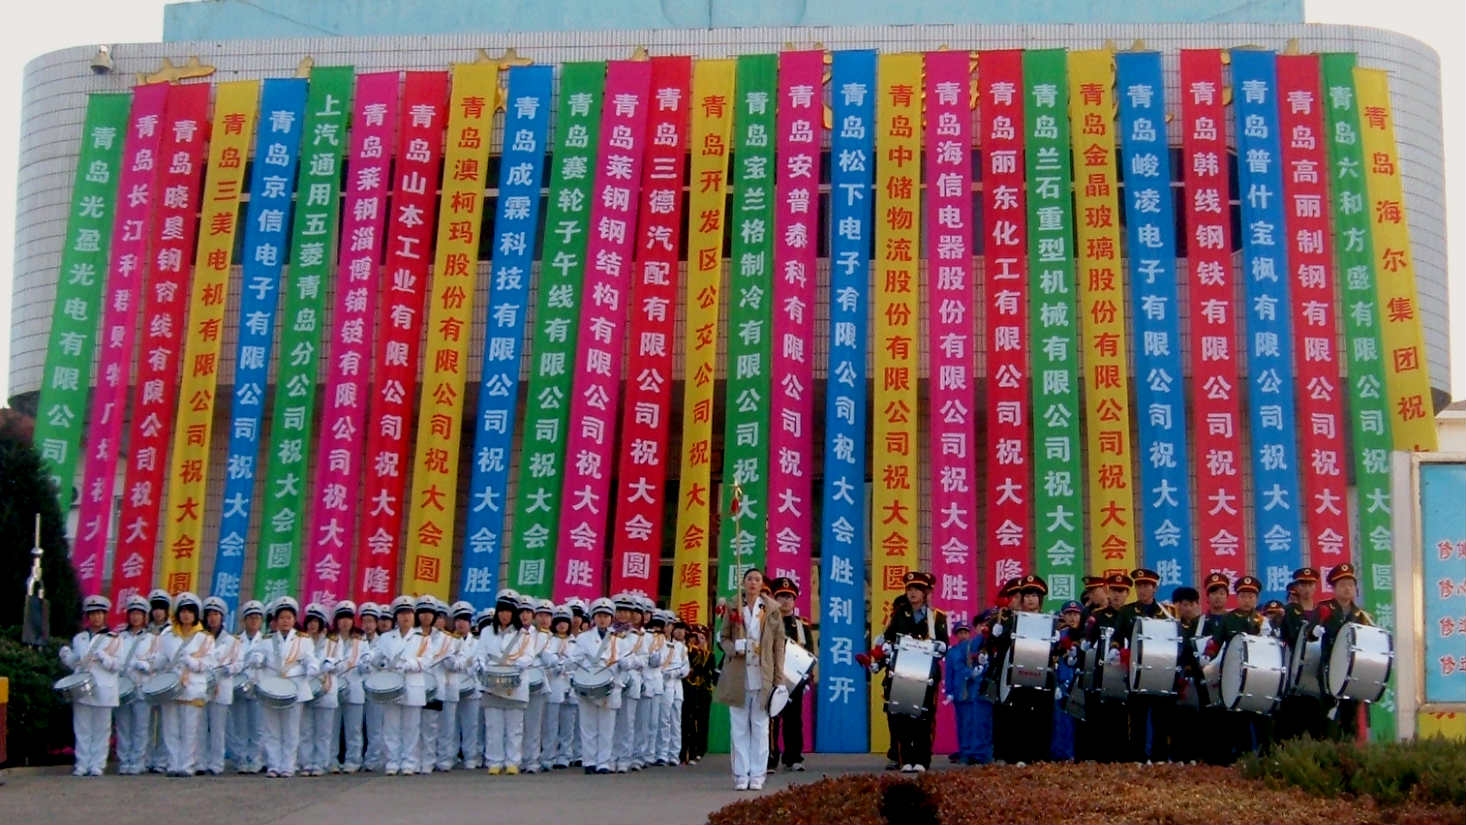 青岛开发区职业中专2015招收镇民毕业生初中一初中许镇图片